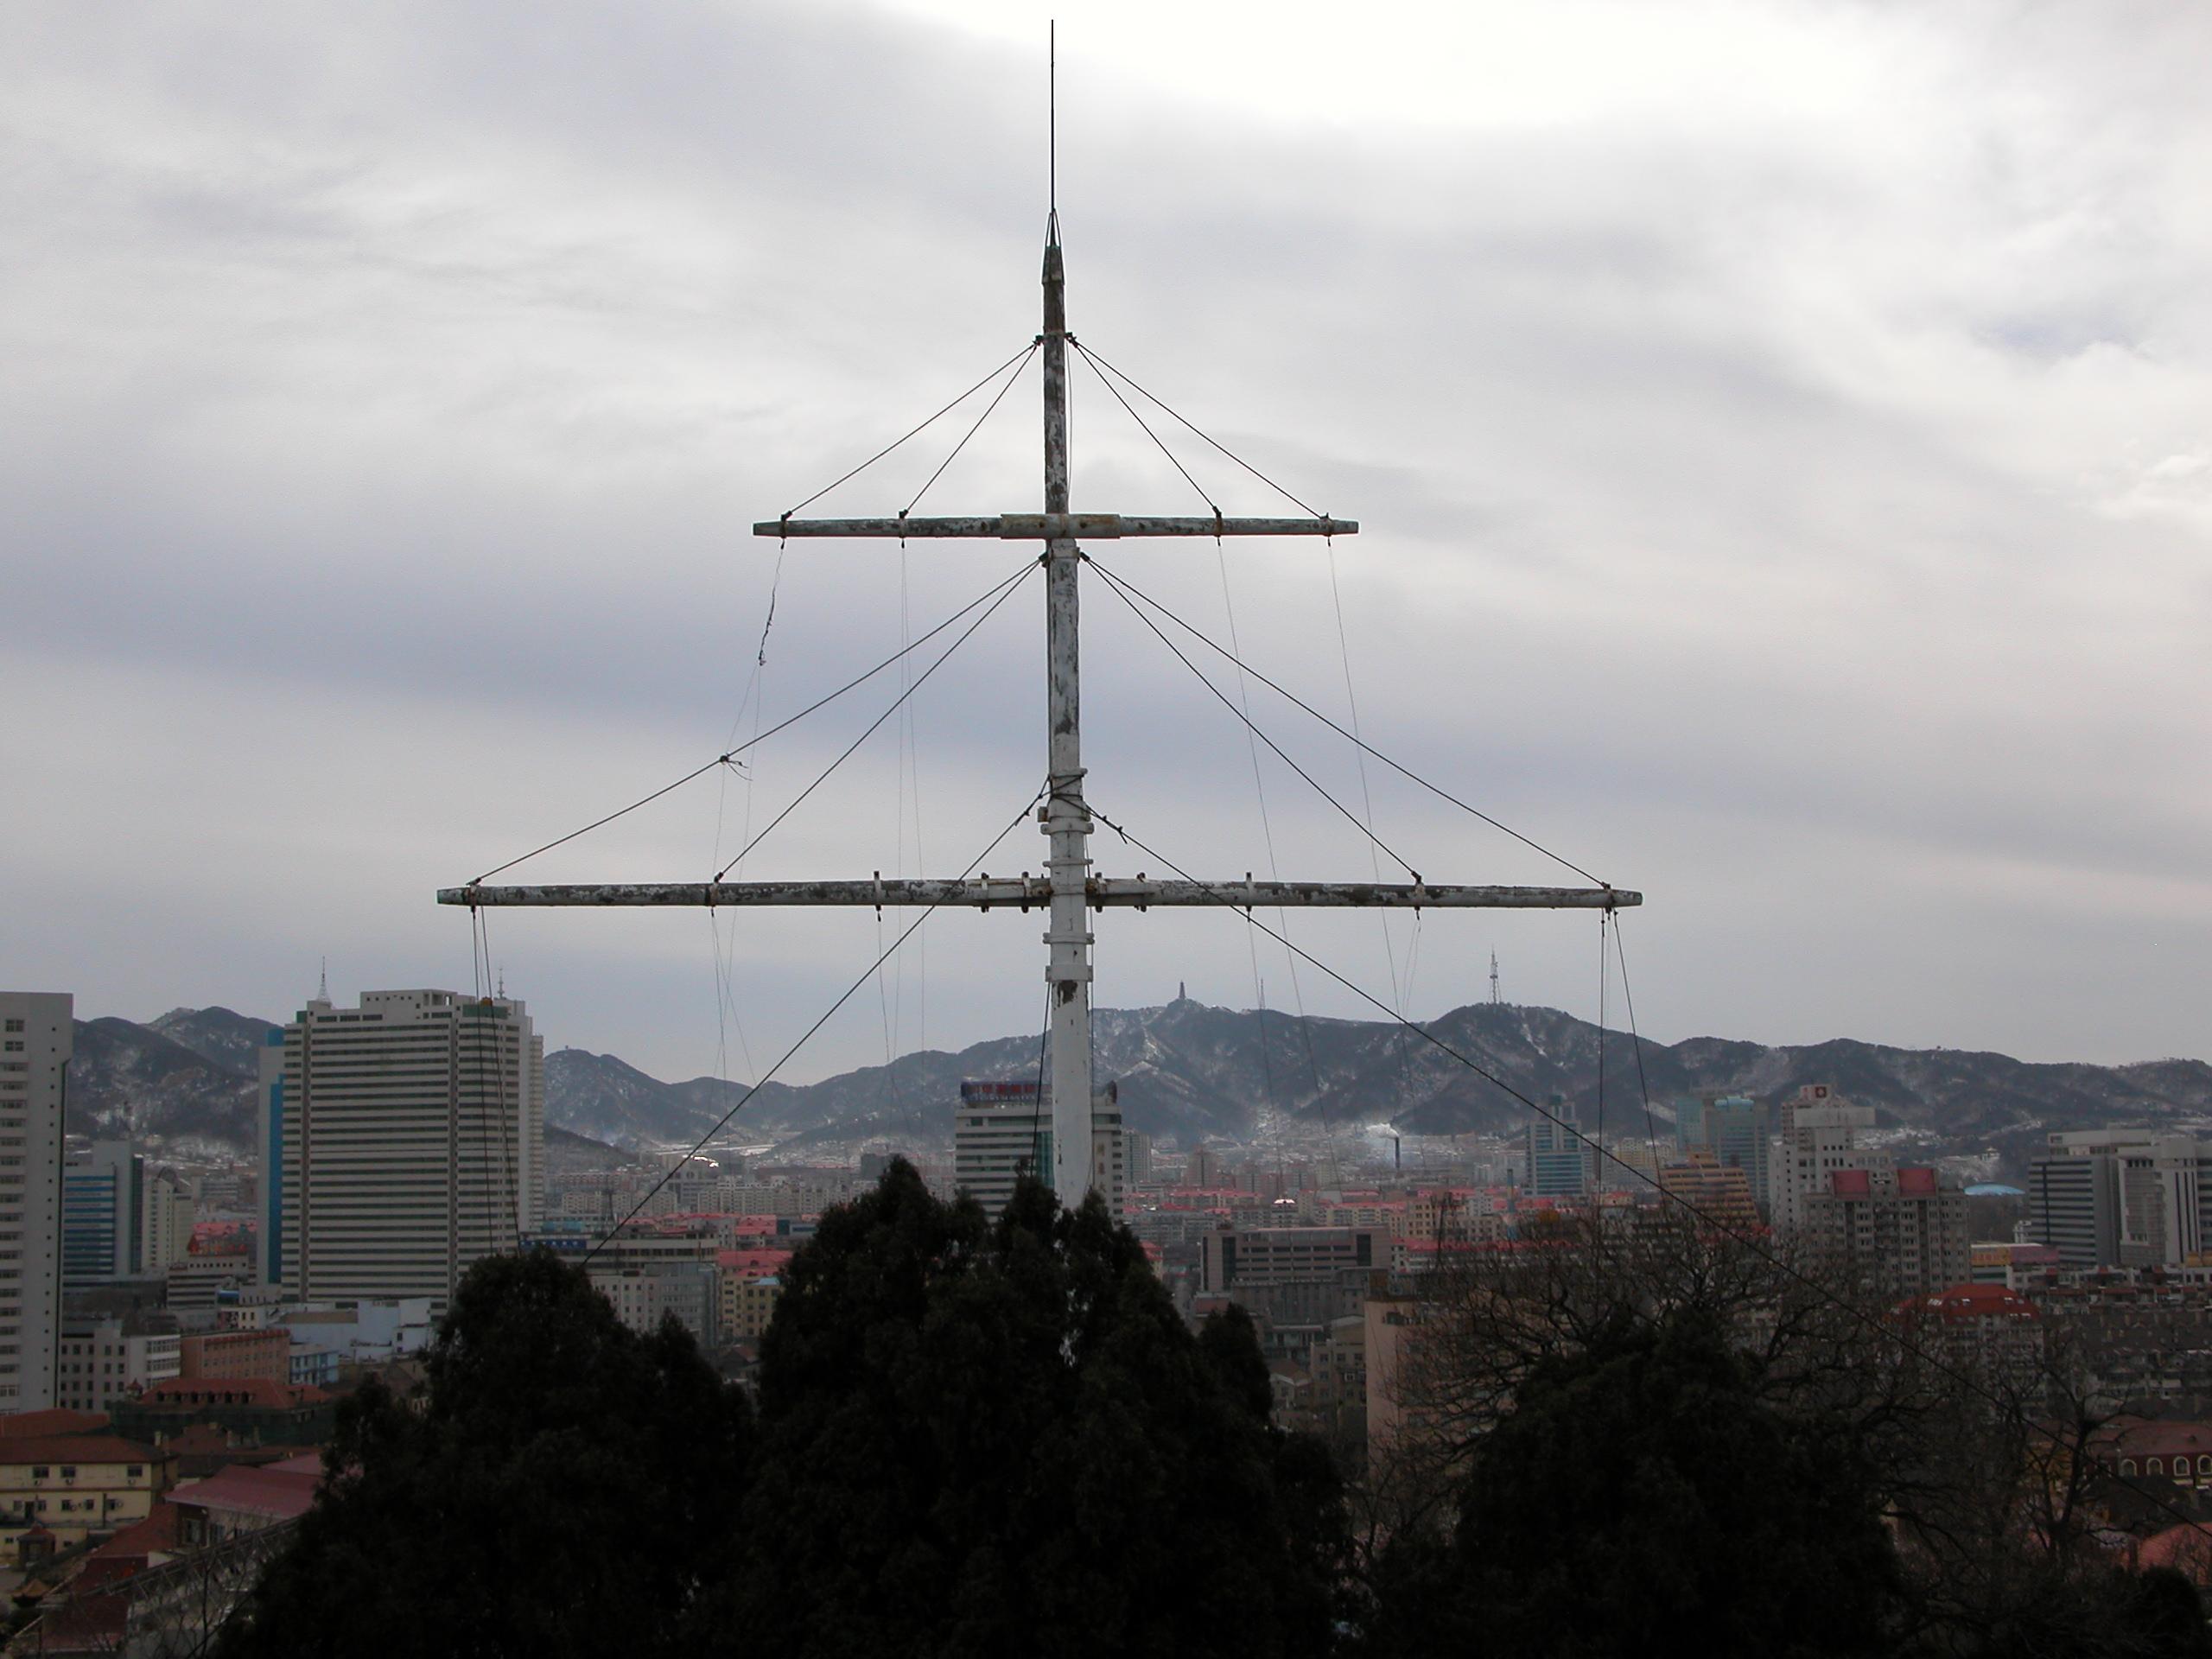 yantai ship mast.jpg